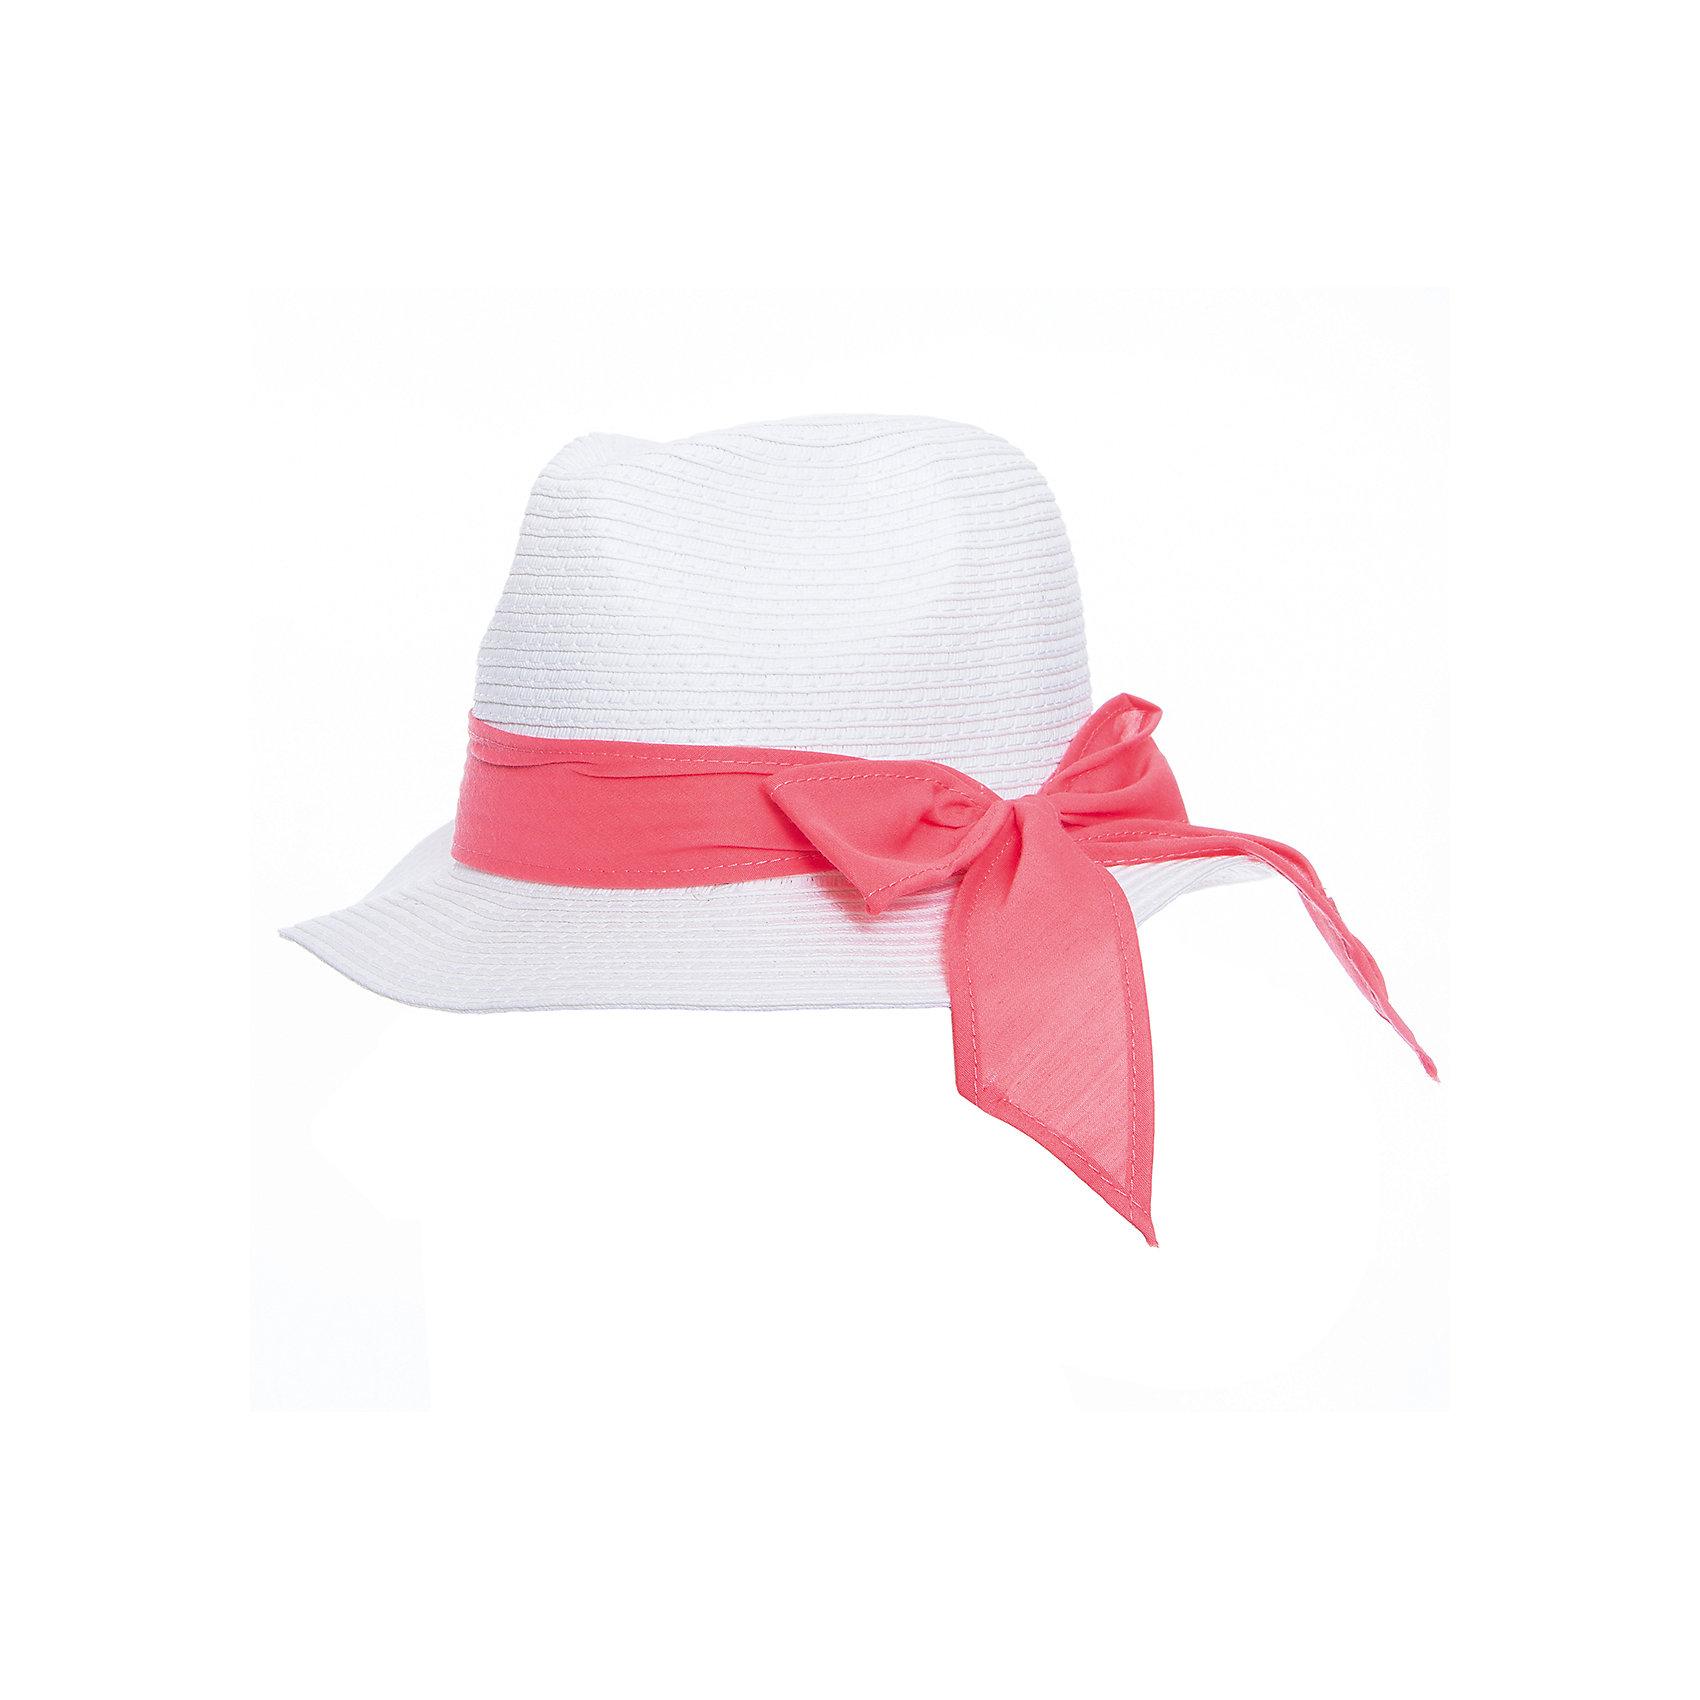 Панама для девочки PlayTodayГоловные уборы<br>Эффектная шляпа из бумажной соломки прекрасно подойдет для прогулок в жаркую погоду. Декорирована широкой лентой и бантом. Комфортна при носке.<br>Состав:<br>100% бумажная соломка<br><br>Ширина мм: 89<br>Глубина мм: 117<br>Высота мм: 44<br>Вес г: 155<br>Цвет: розовый<br>Возраст от месяцев: 24<br>Возраст до месяцев: 36<br>Пол: Женский<br>Возраст: Детский<br>Размер: 50,52,54<br>SKU: 5603984